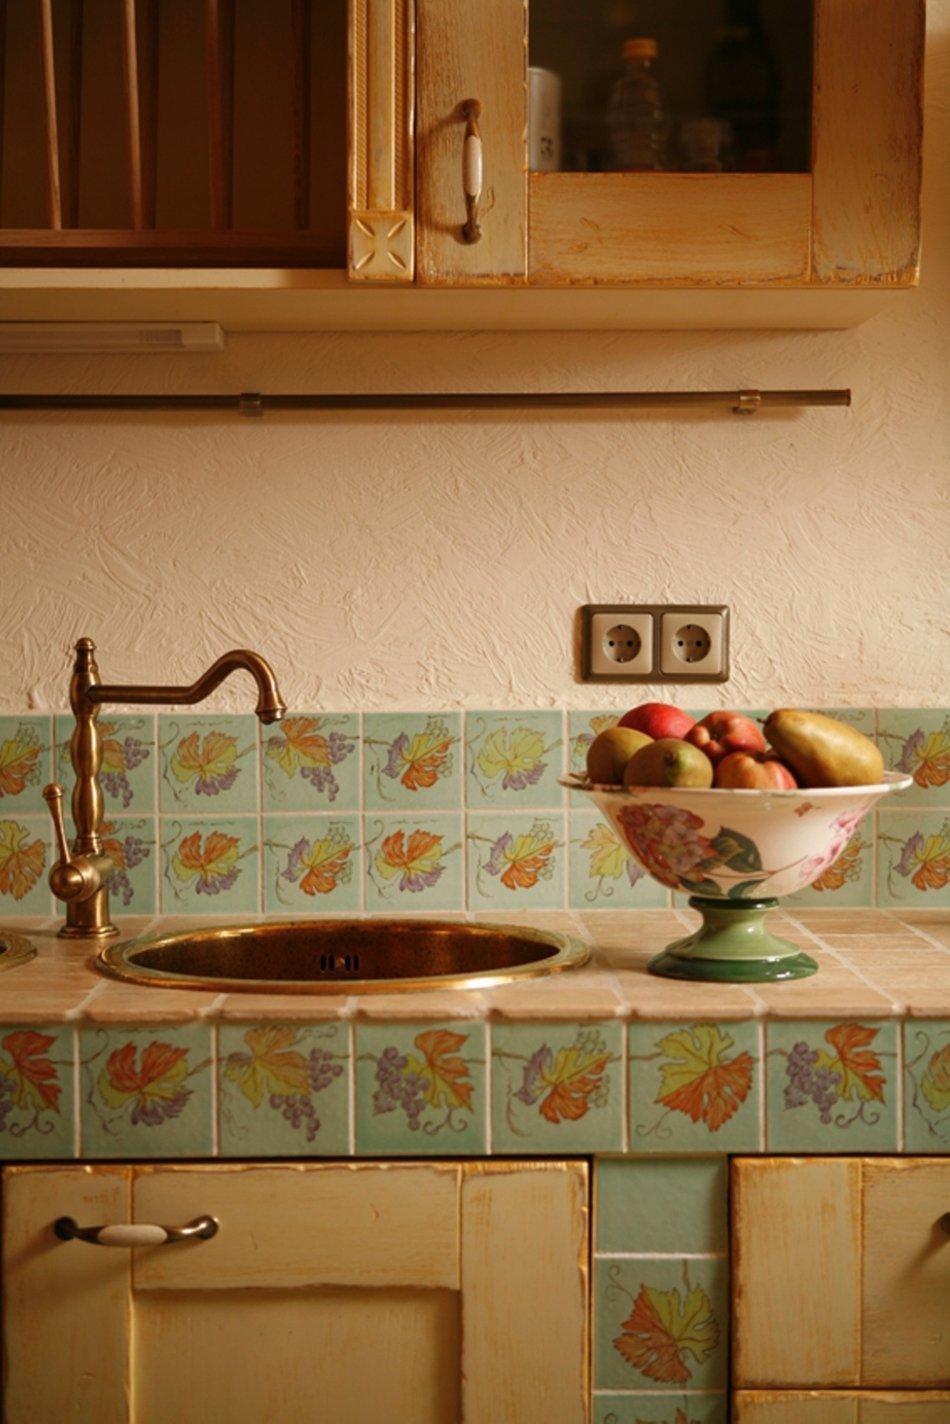 Медная раковина и смеситель на фоне кухонного фартука, оформленного плиткой в стиле прованс